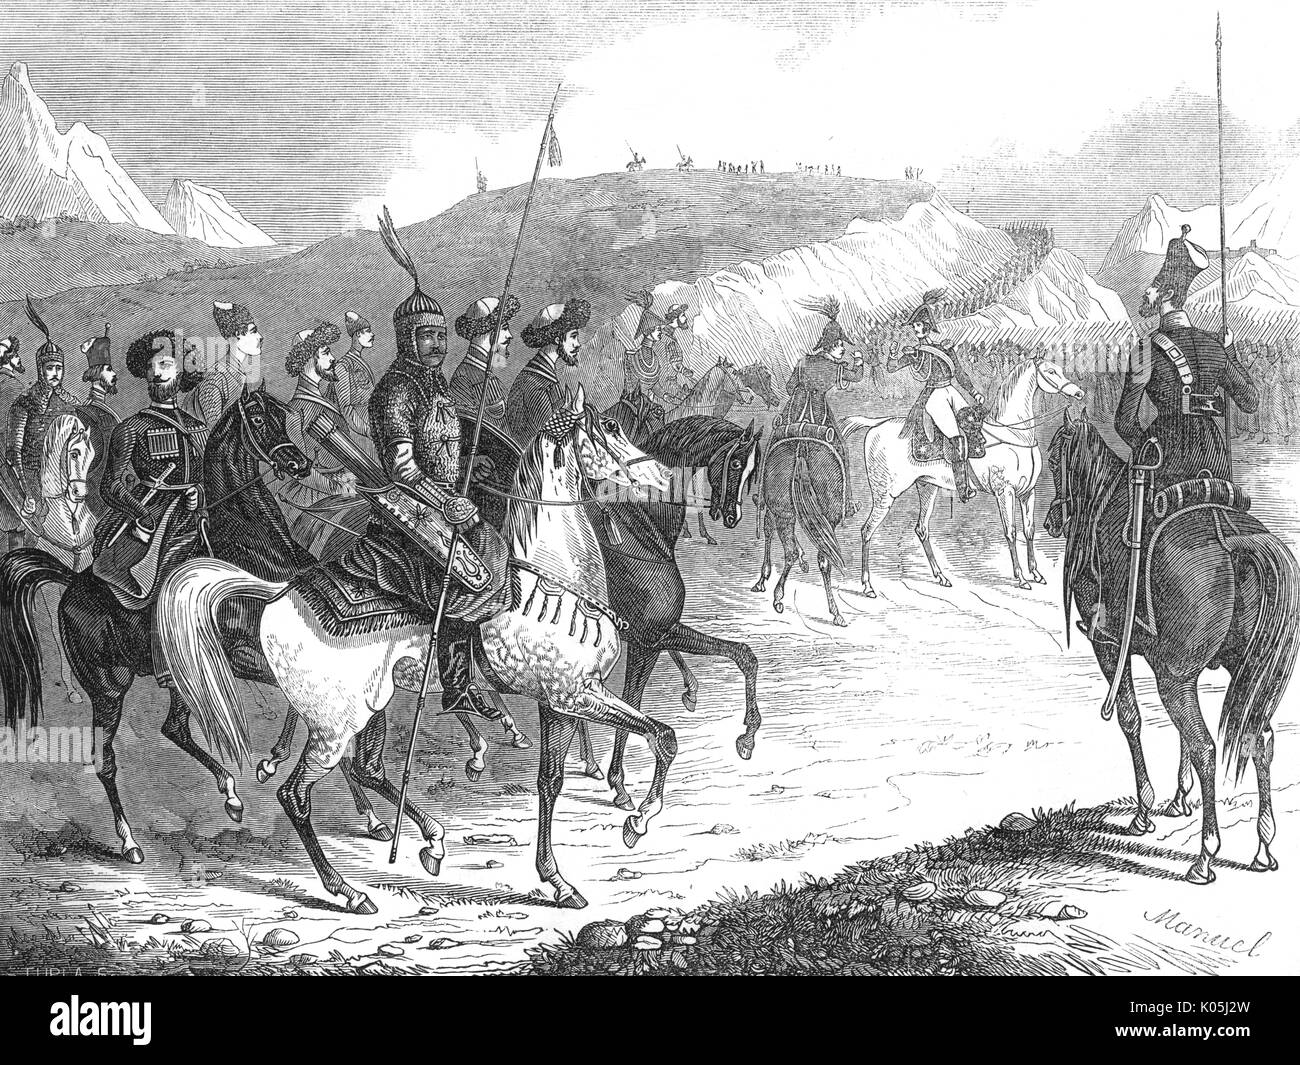 Assembler les troupes russes pour la campagne du Caucase. Date: 1846 Photo Stock